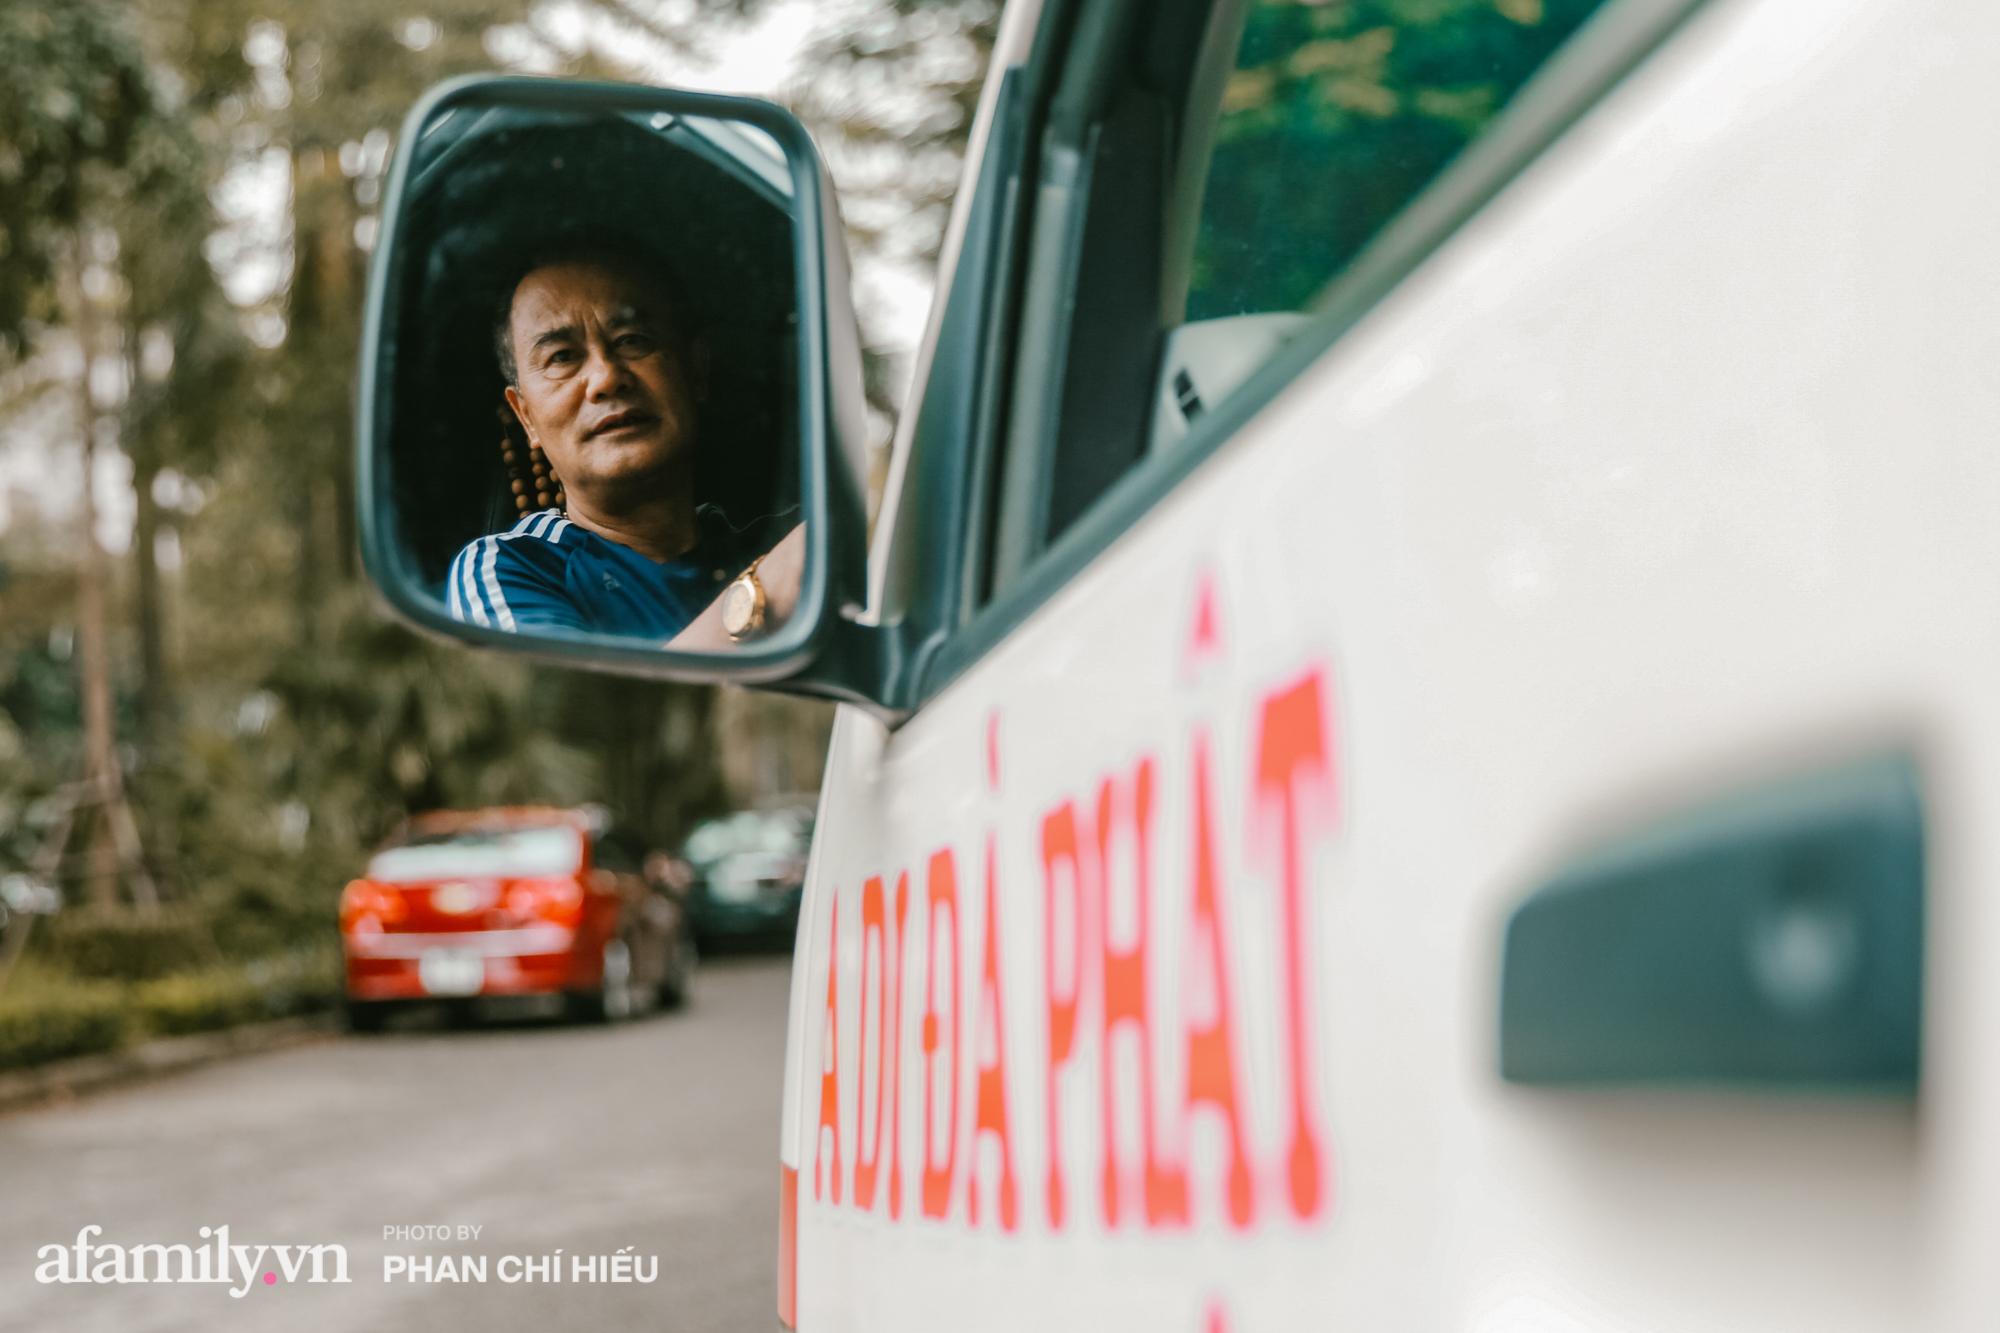 """Lạ! Trên đời có người phụ nữ bán đất mua xe cứu thương giúp người nghèo vượt qua """"bậc thềm"""" sinh tử, cùng chuyến đi định mệnh đưa xác bệnh nhi vượt 300km trở về với gia đình gần biên giới Việt - Lào - Ảnh 8."""